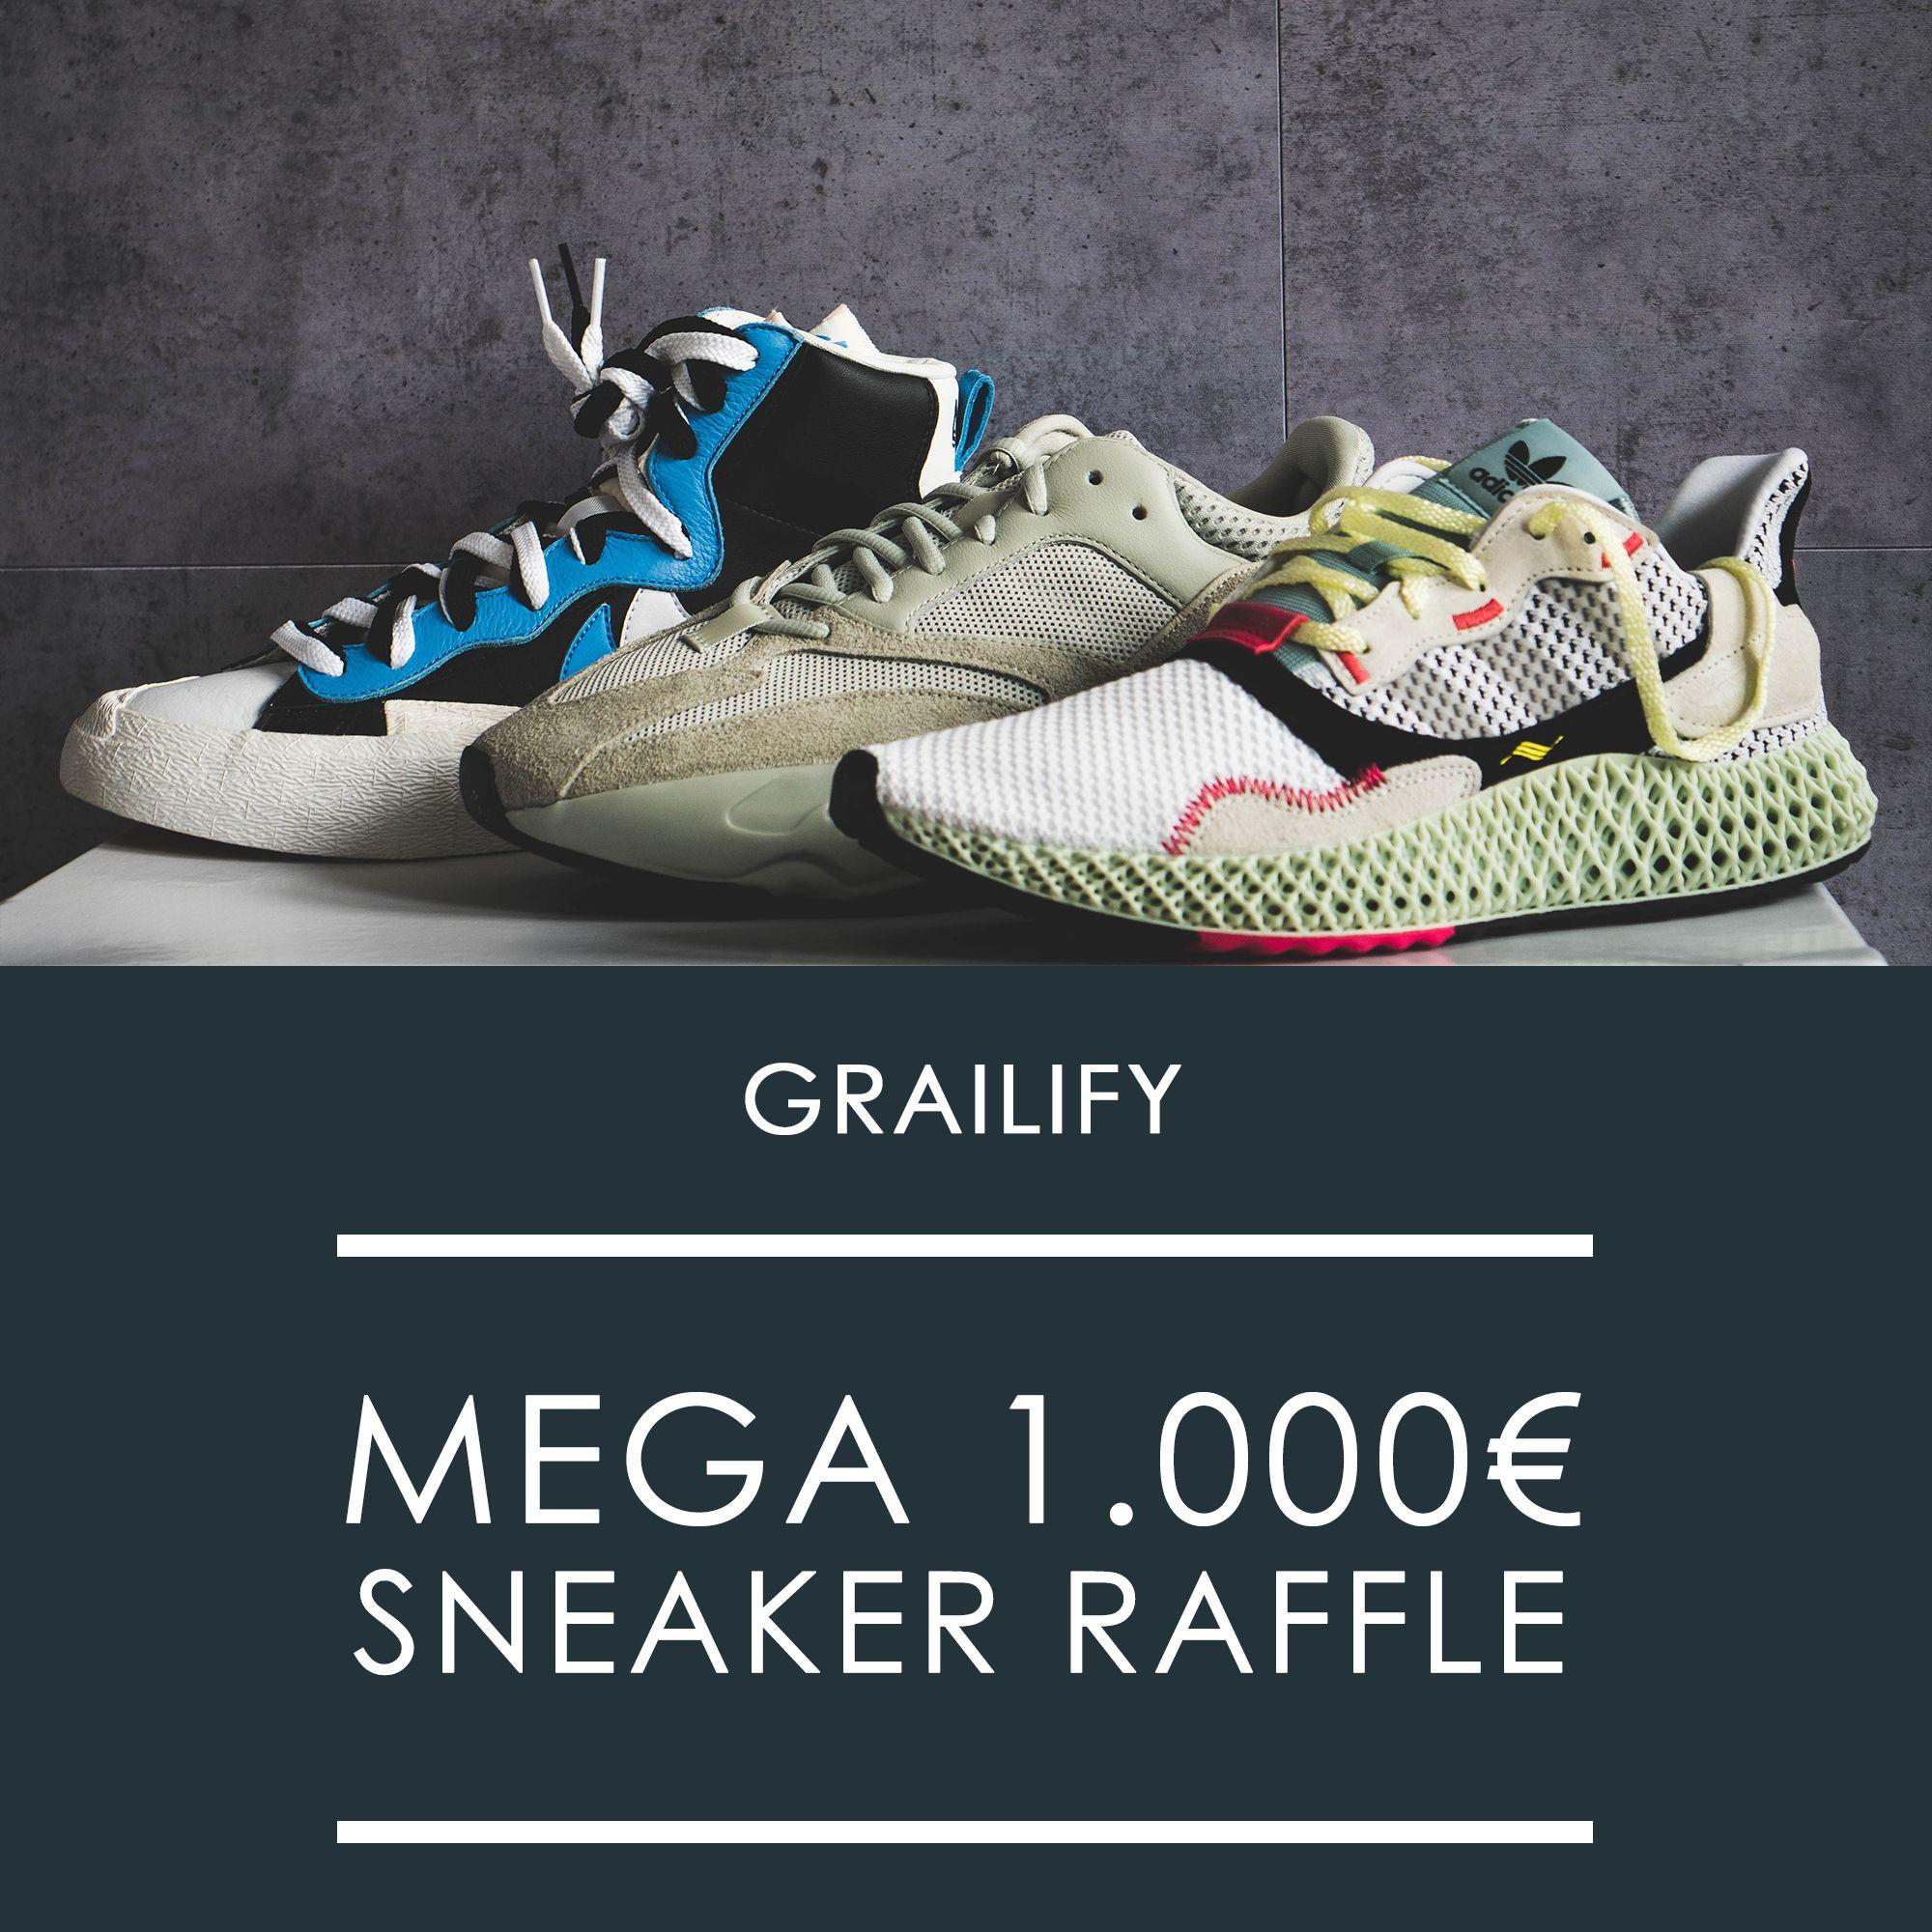 Der Beitrag Mega 1000€ Raffle! erschien zuerst auf